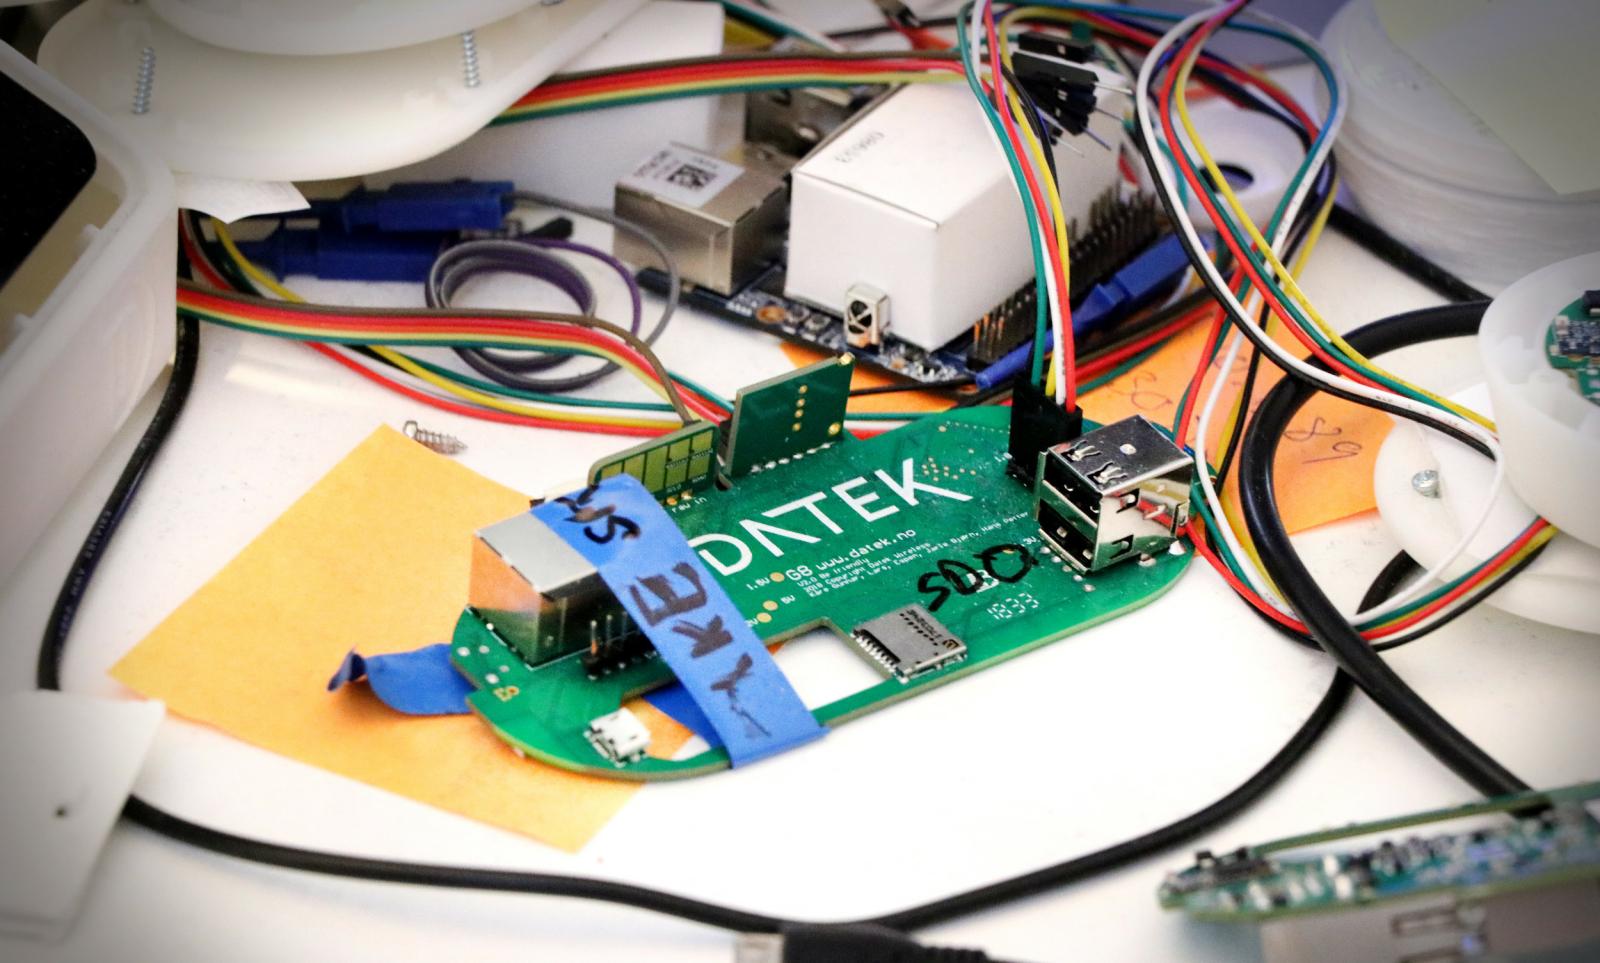 Datek-gjengen lager egne små Linux-baserte maskiner som de blant annet bruker til Gateways. 📸: Jørgen Jacobsen